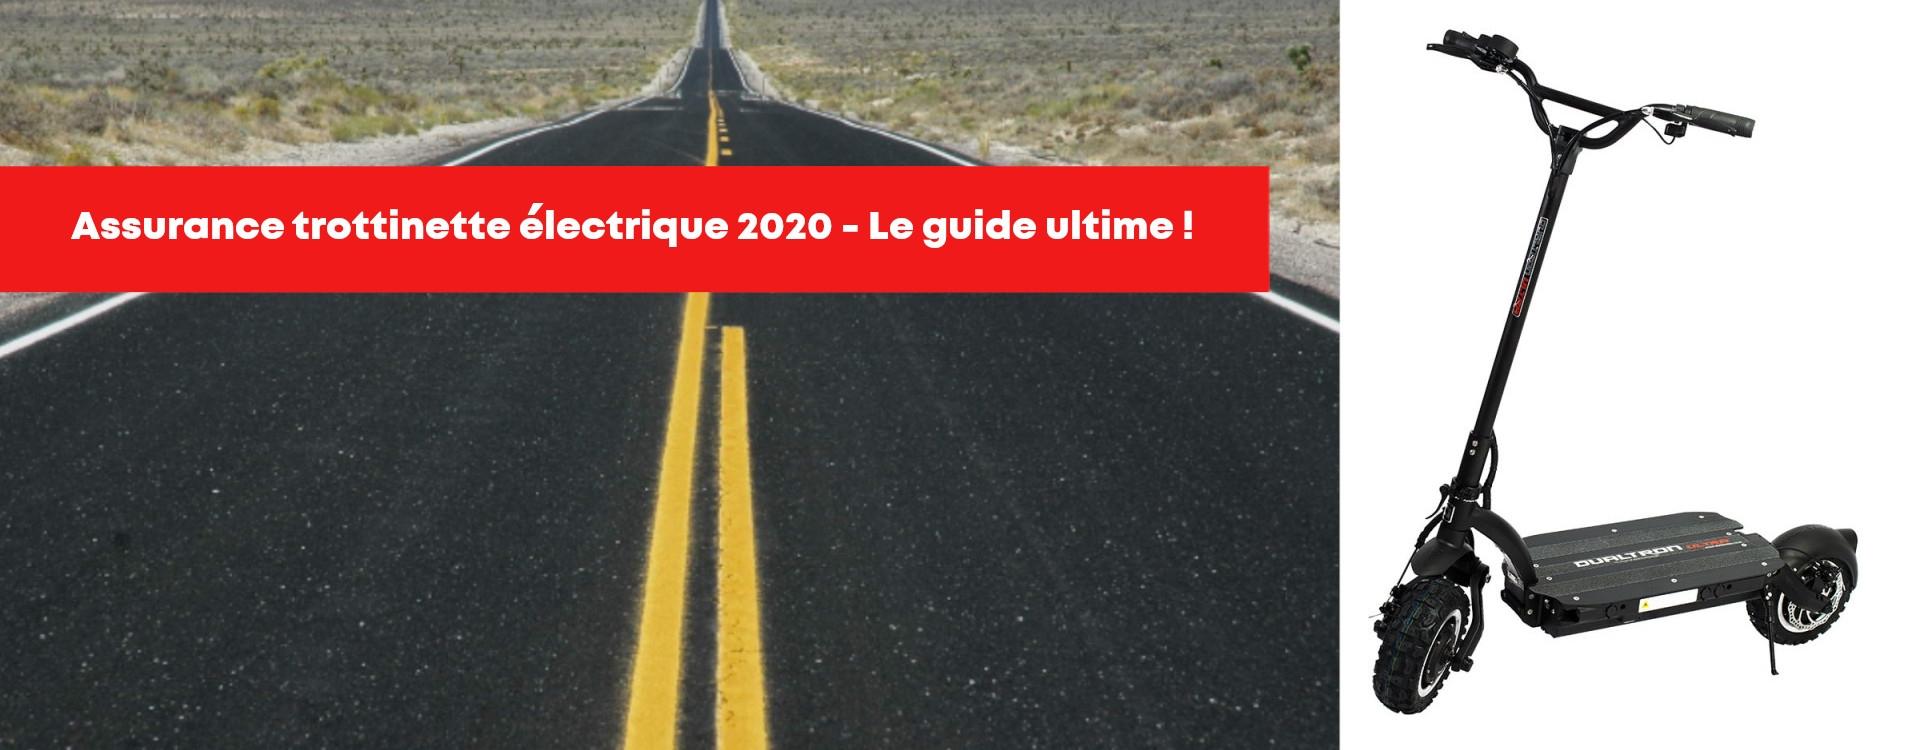 Assurance trottinette électrique obligatoire? Comparatif 2020 en ligne!